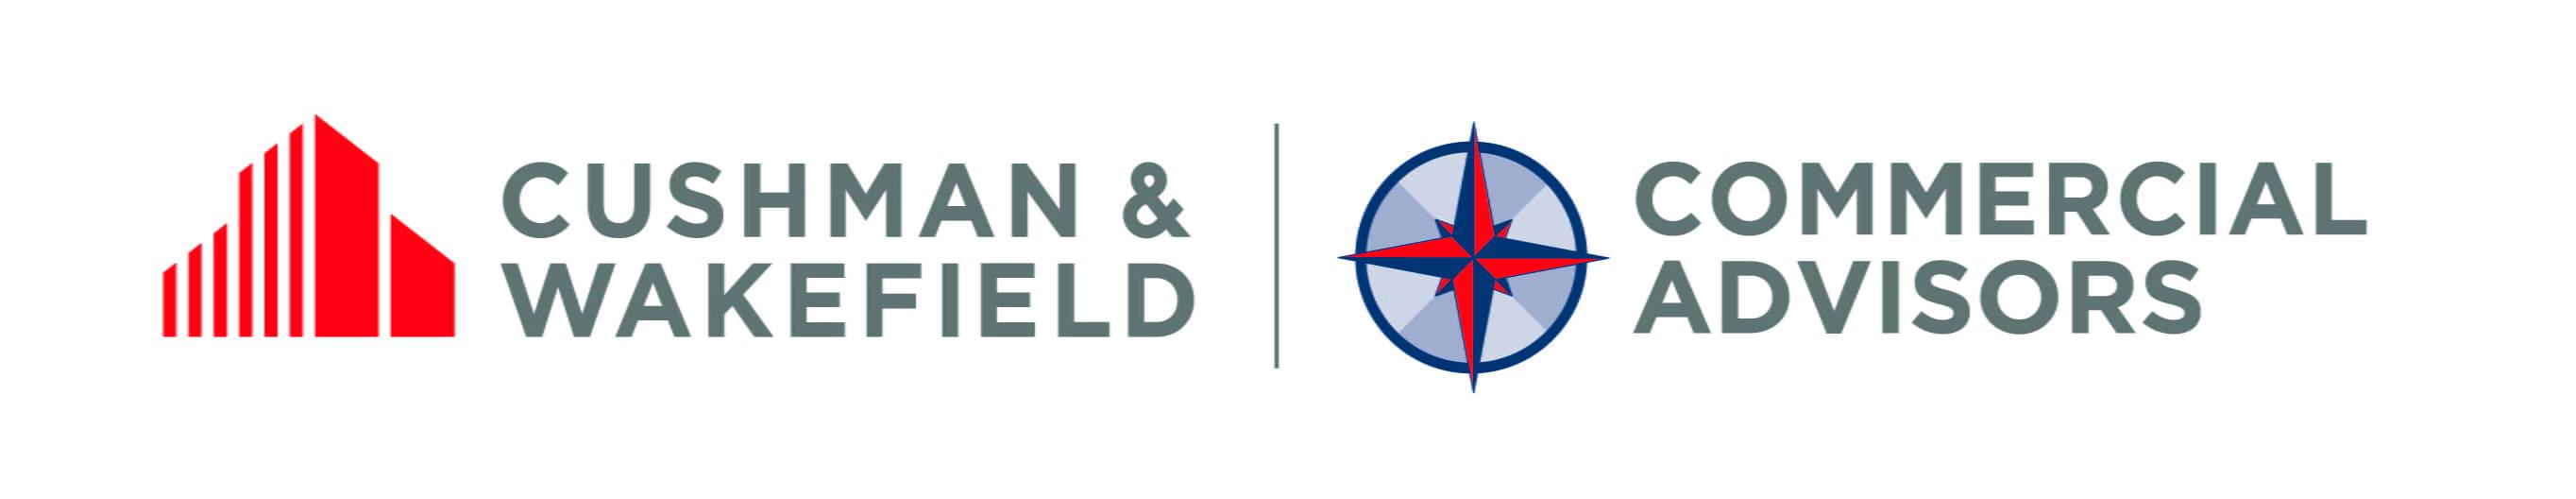 Commercial Advisors Alliance Logo